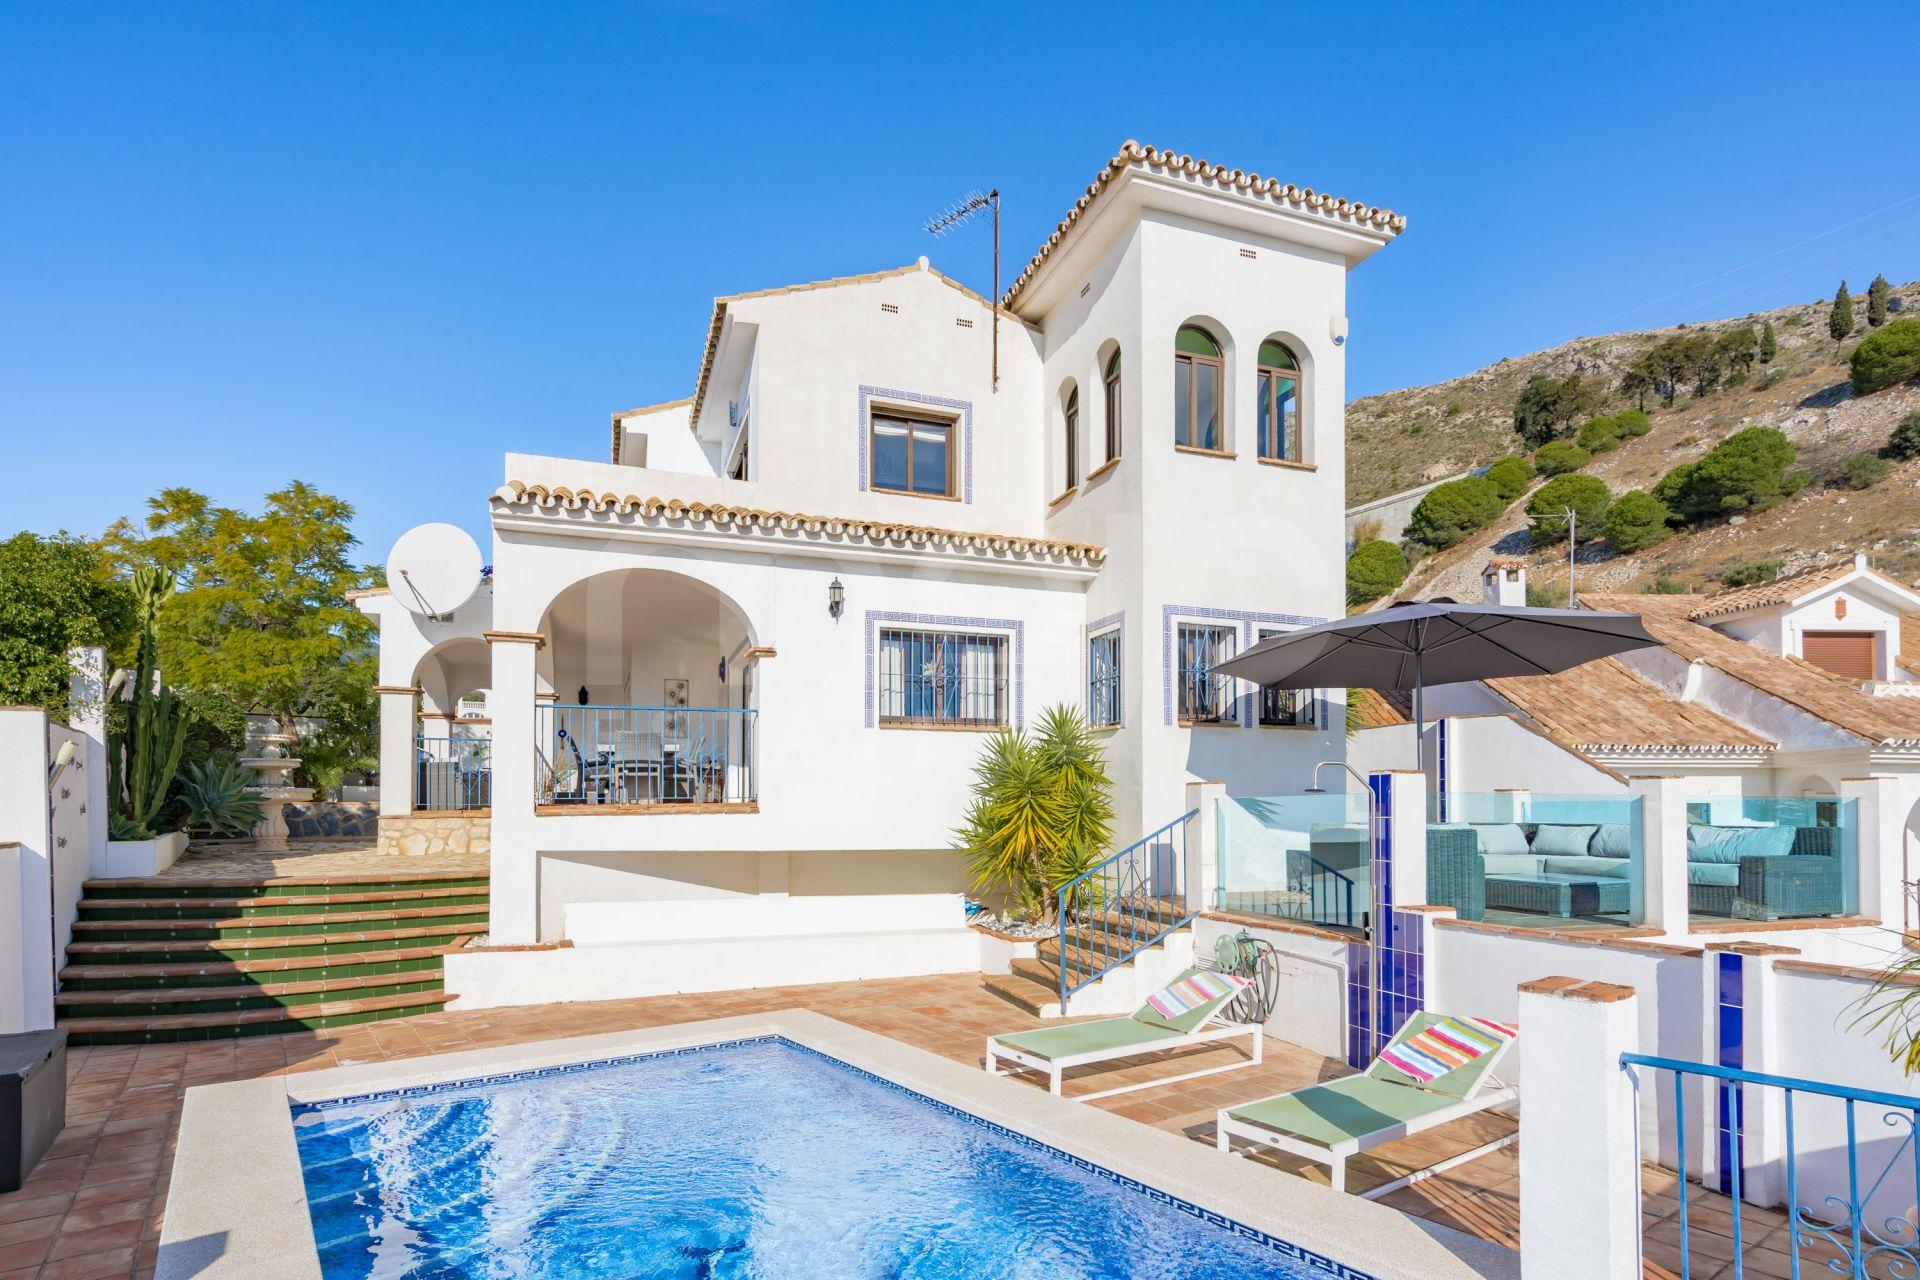 Bienvenue à Villa Estrella C'est un mélange parfait d'une villa de style andalou et scandinave avec une vue imprenable sur la mer Méditerranée. La maison est lumineuse et a un caractère et une âme uniques. Bienvenue à la Villa Estrella C'est un mélang